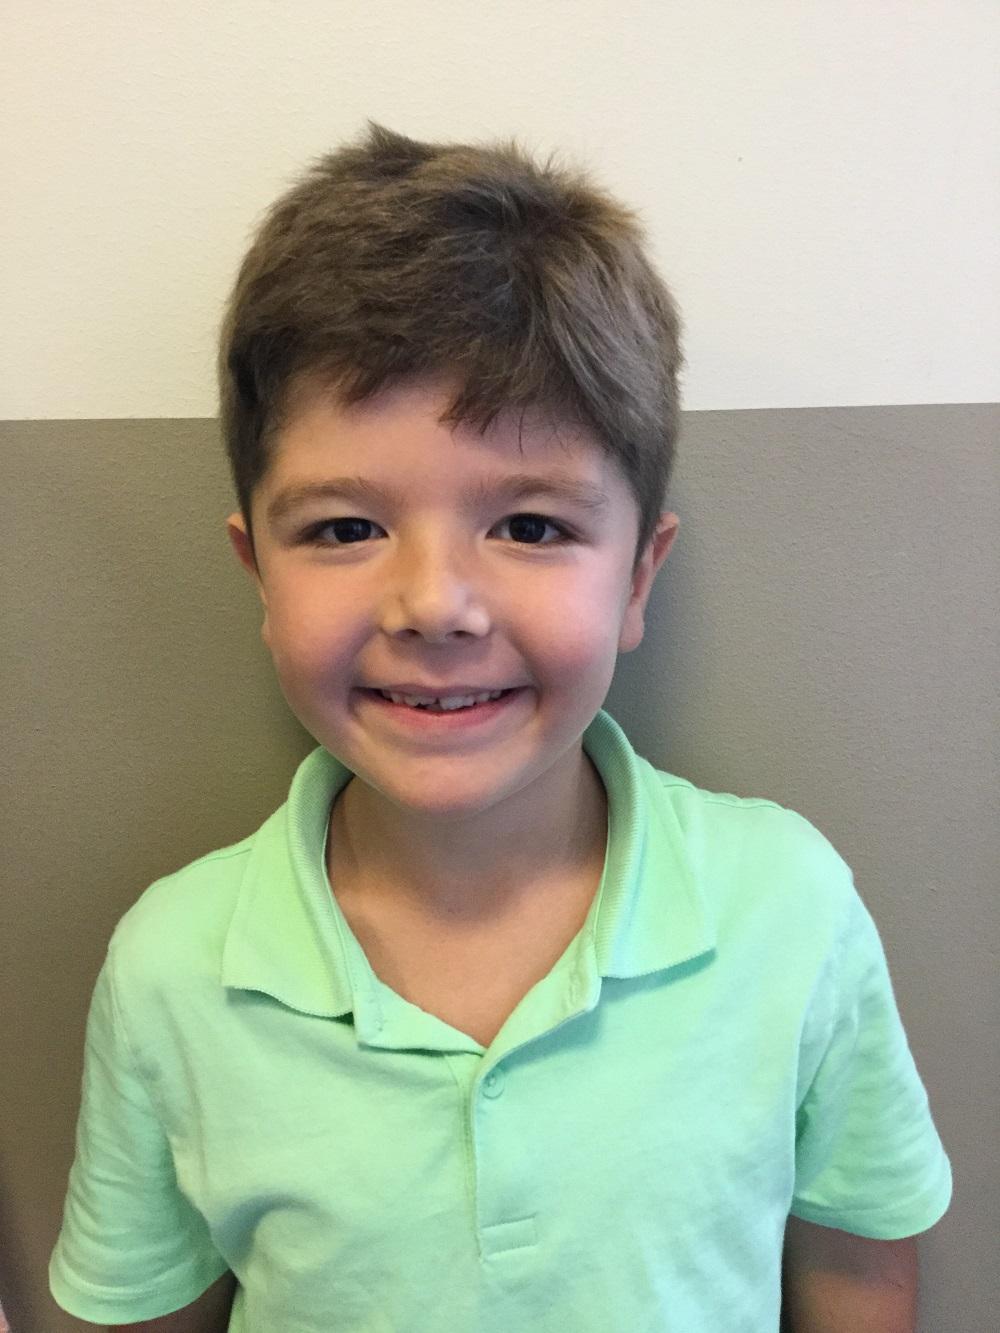 Ayham ler stort. Han har brunt rufsigt hår och en grön tröja med krage.